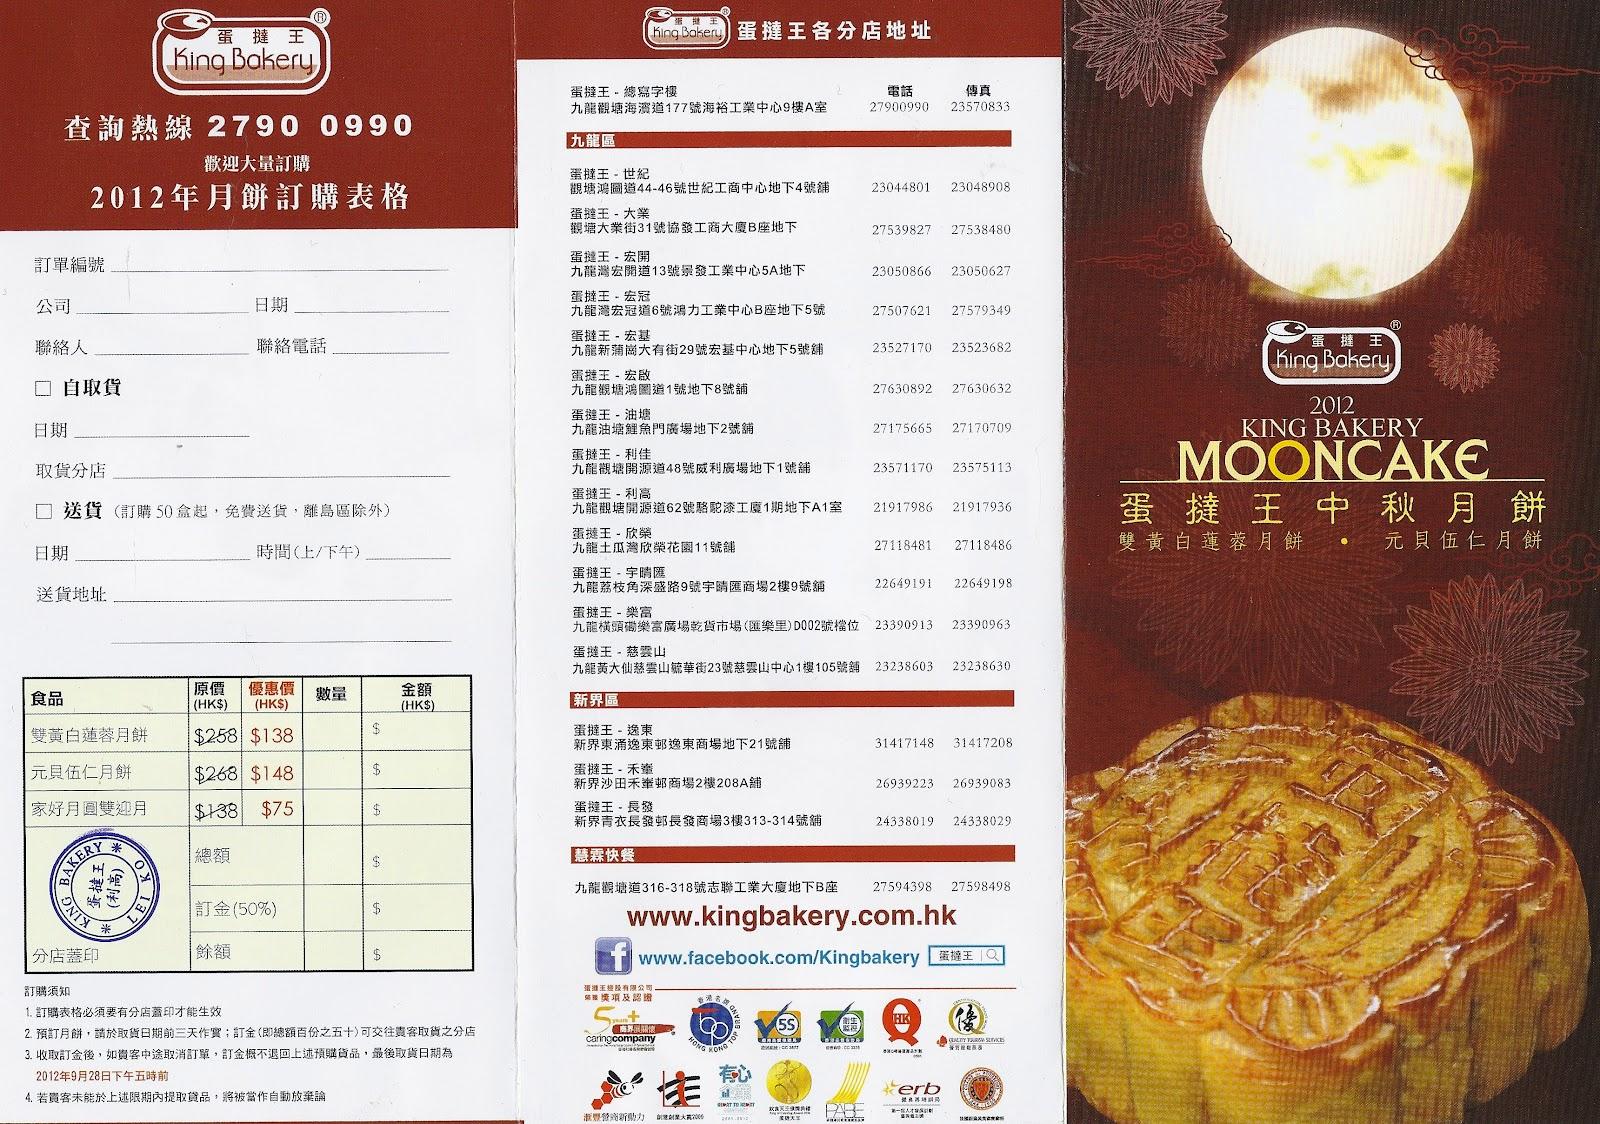 香港中秋月餅 Hong Kong Moon Cake: 蛋撻王 都出月餅